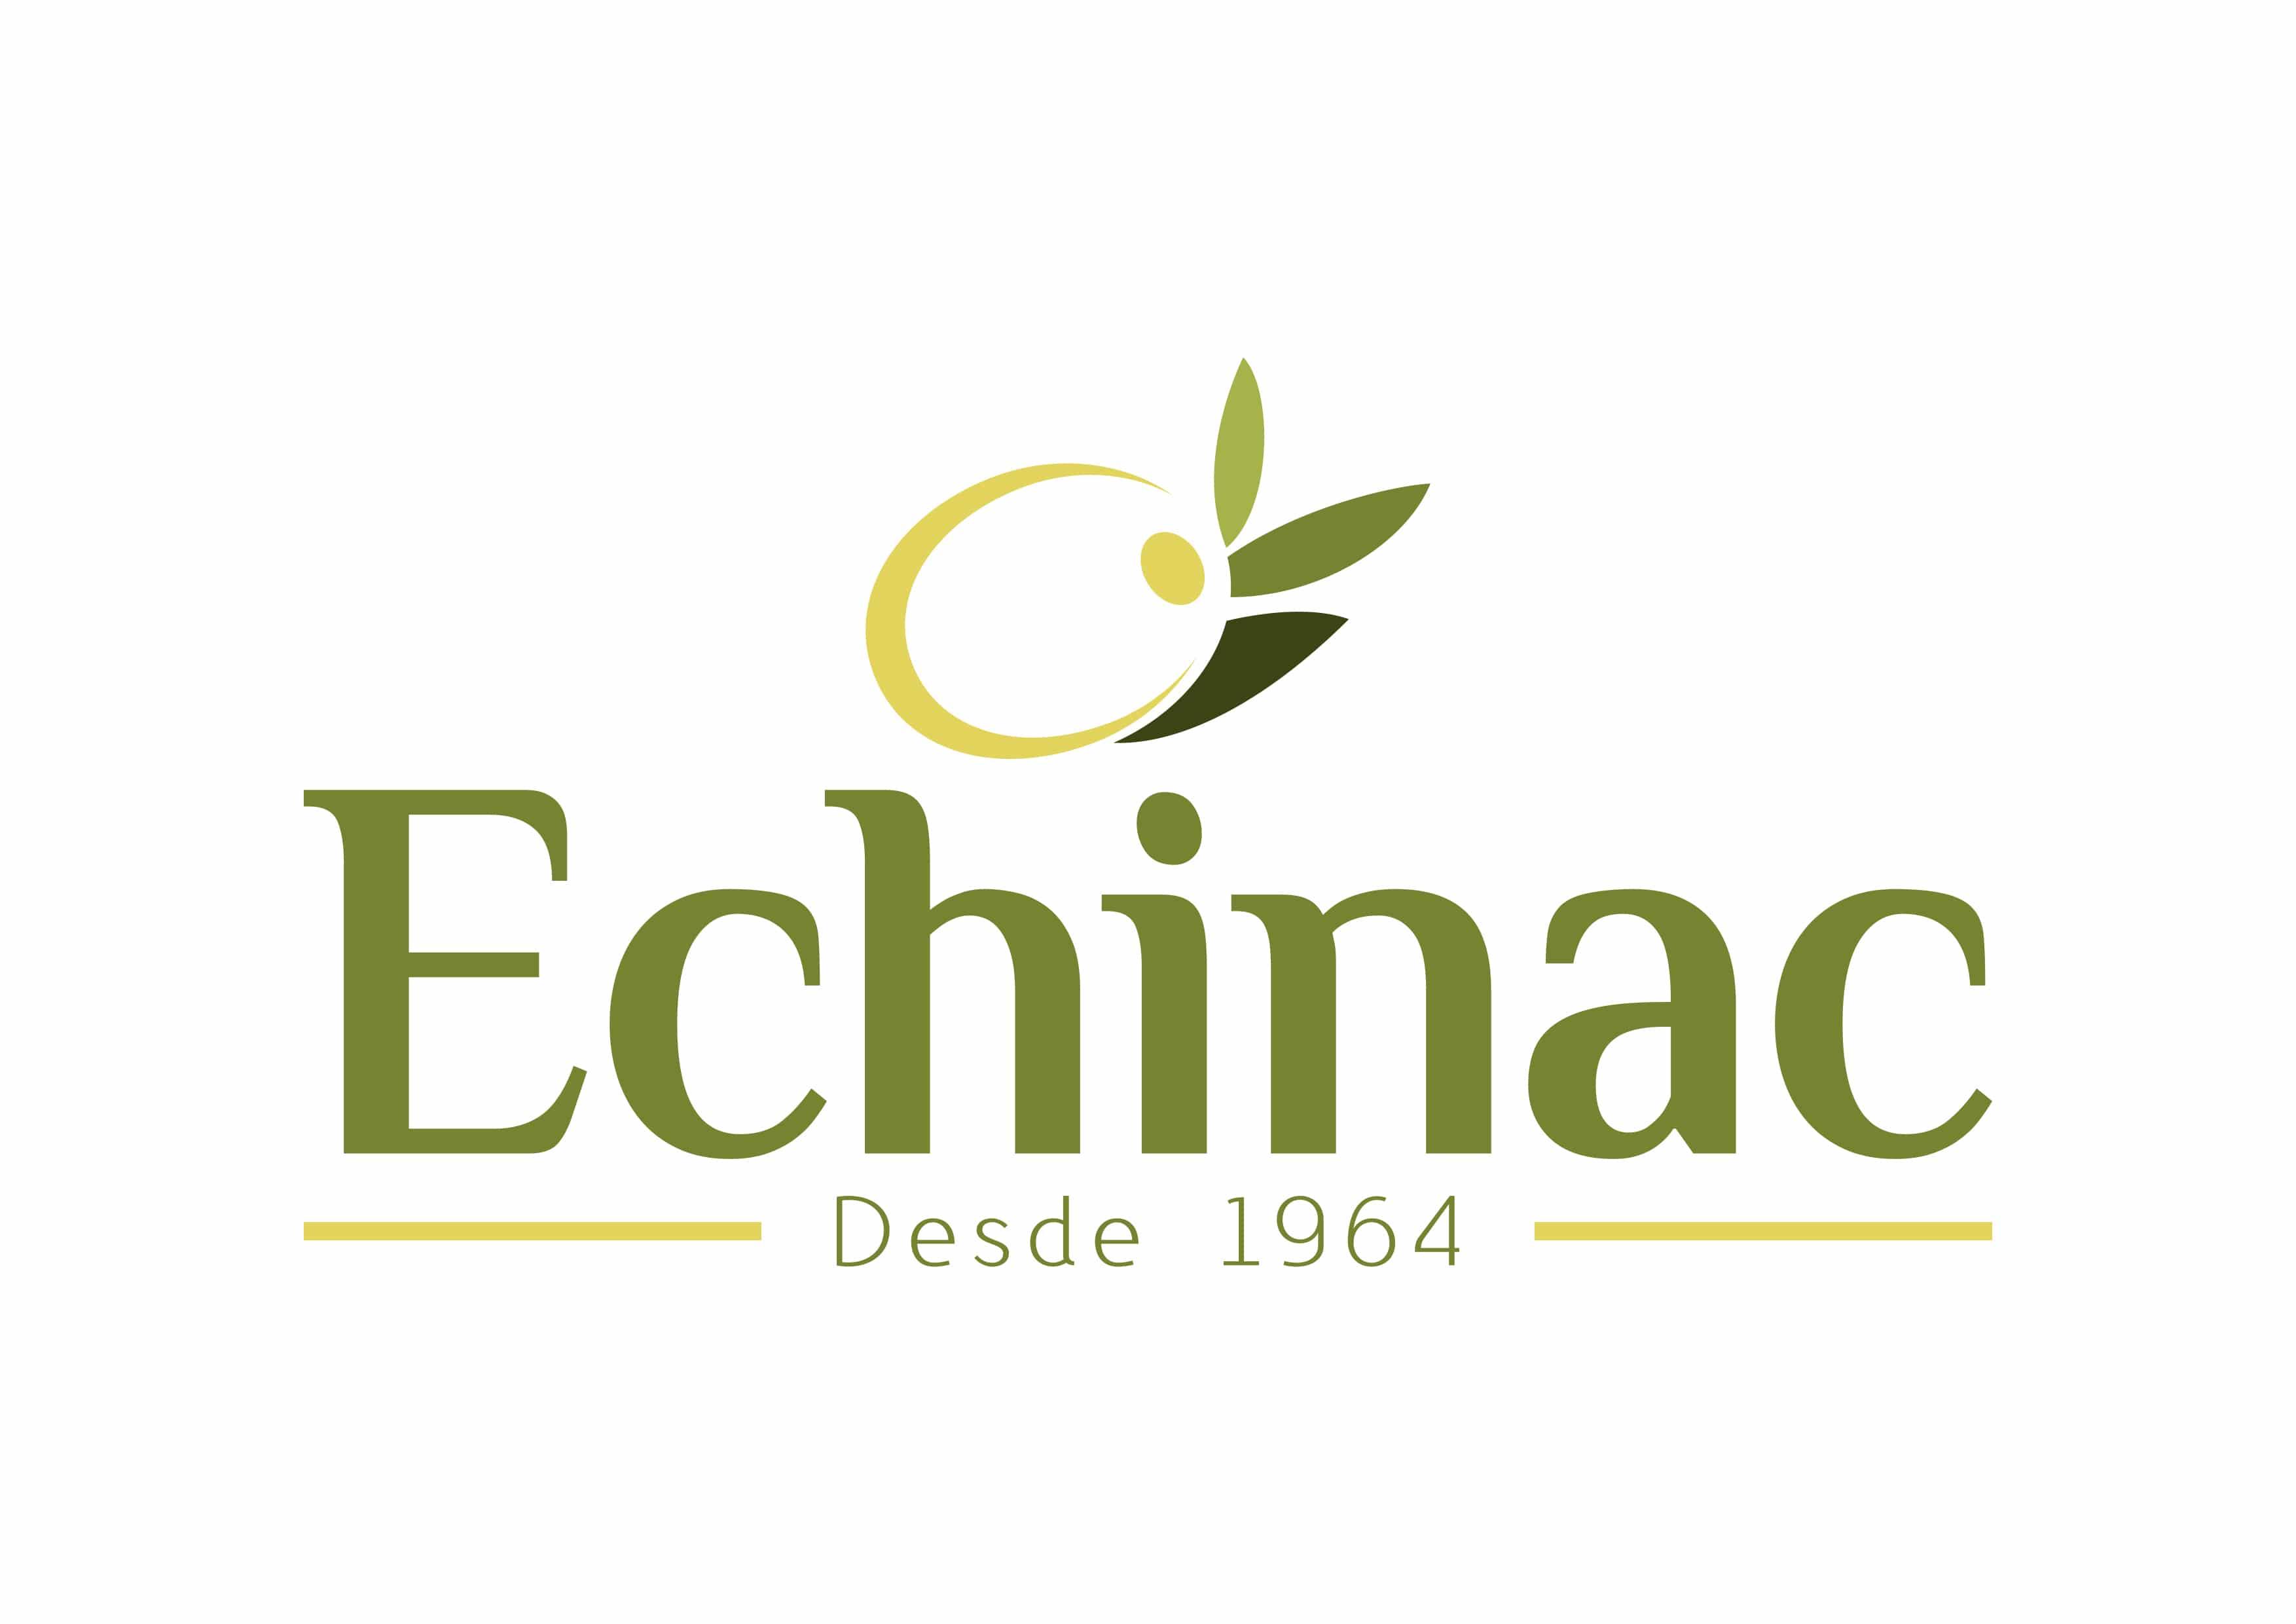 Logo Aceites Echinac - Sabor Granada